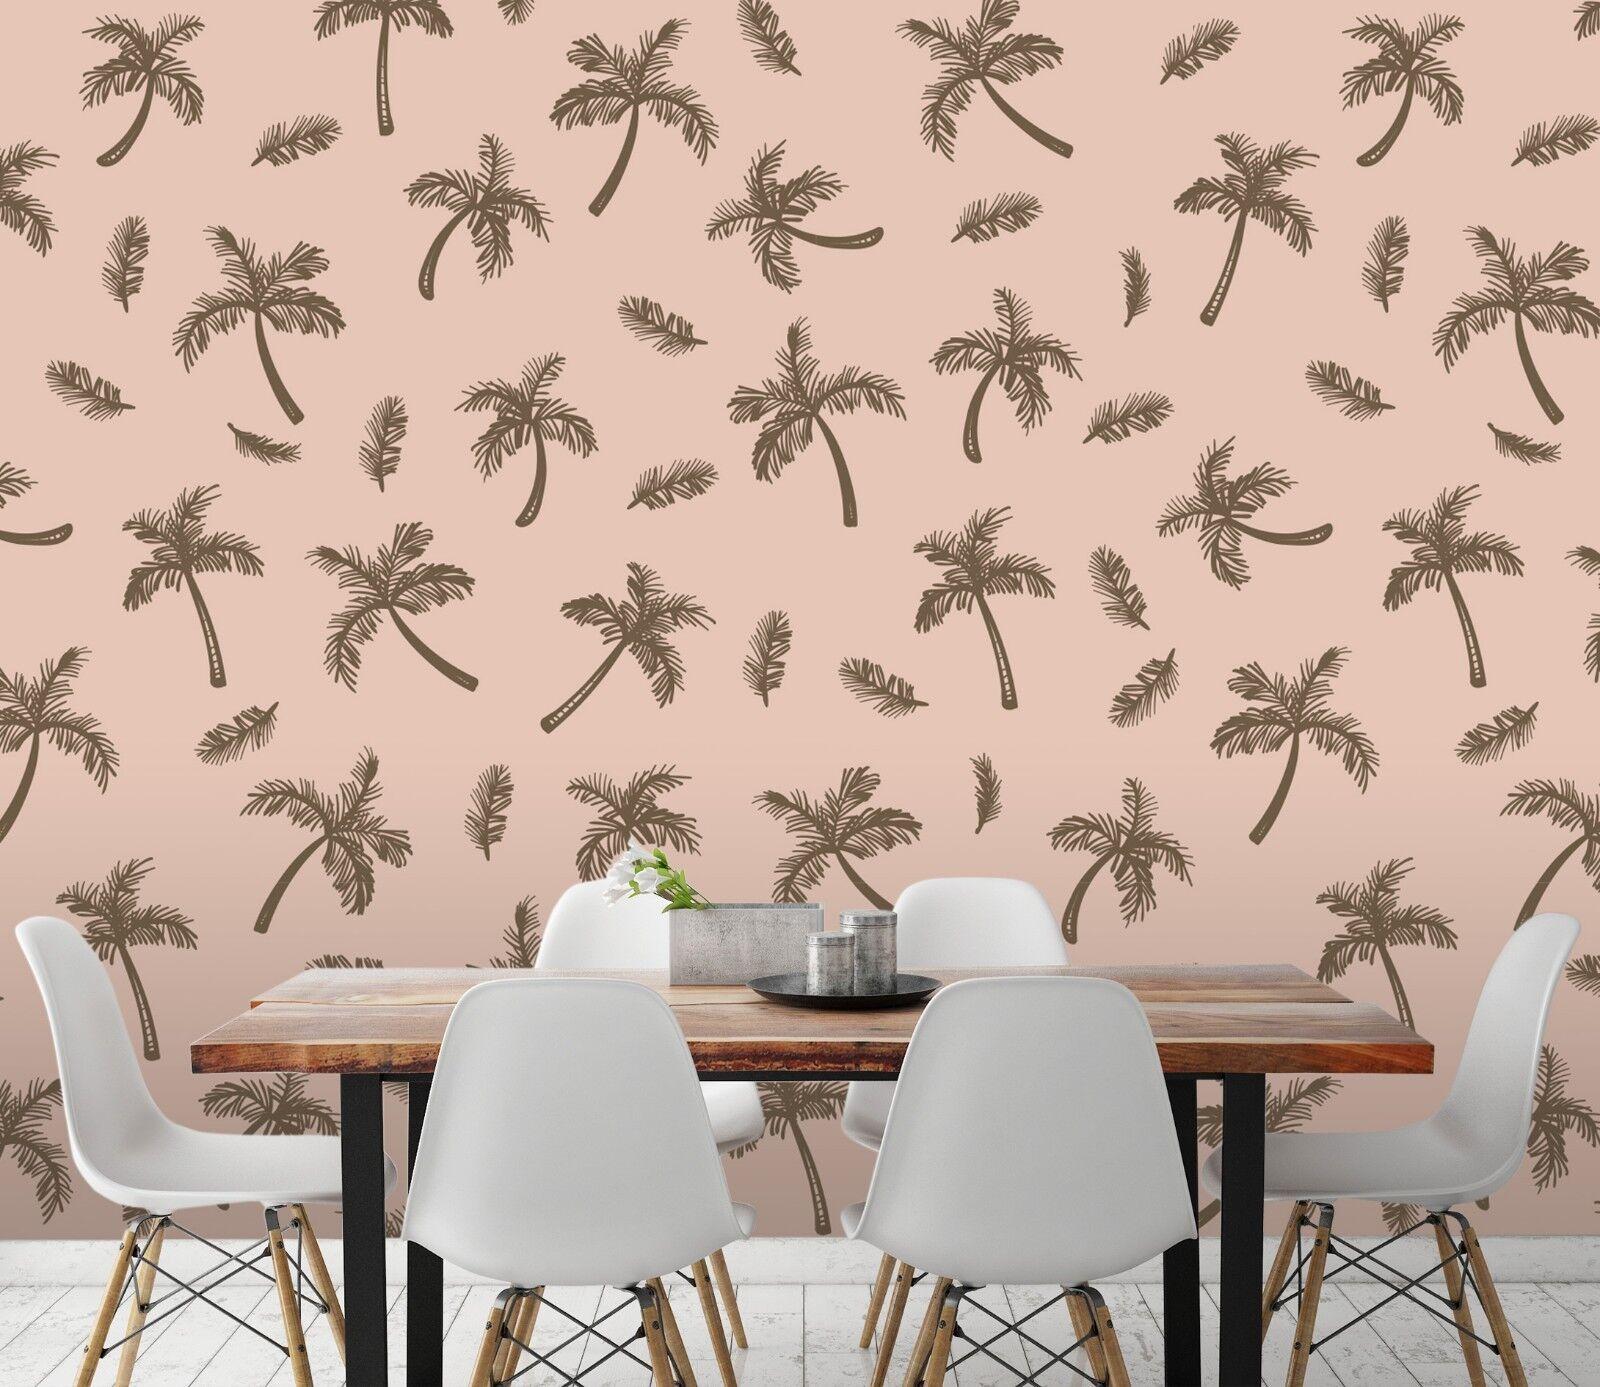 3D Tropical Tree Retro 2 Wallpaper Mural Wall Print Decal Indoor Murals AU Lemon